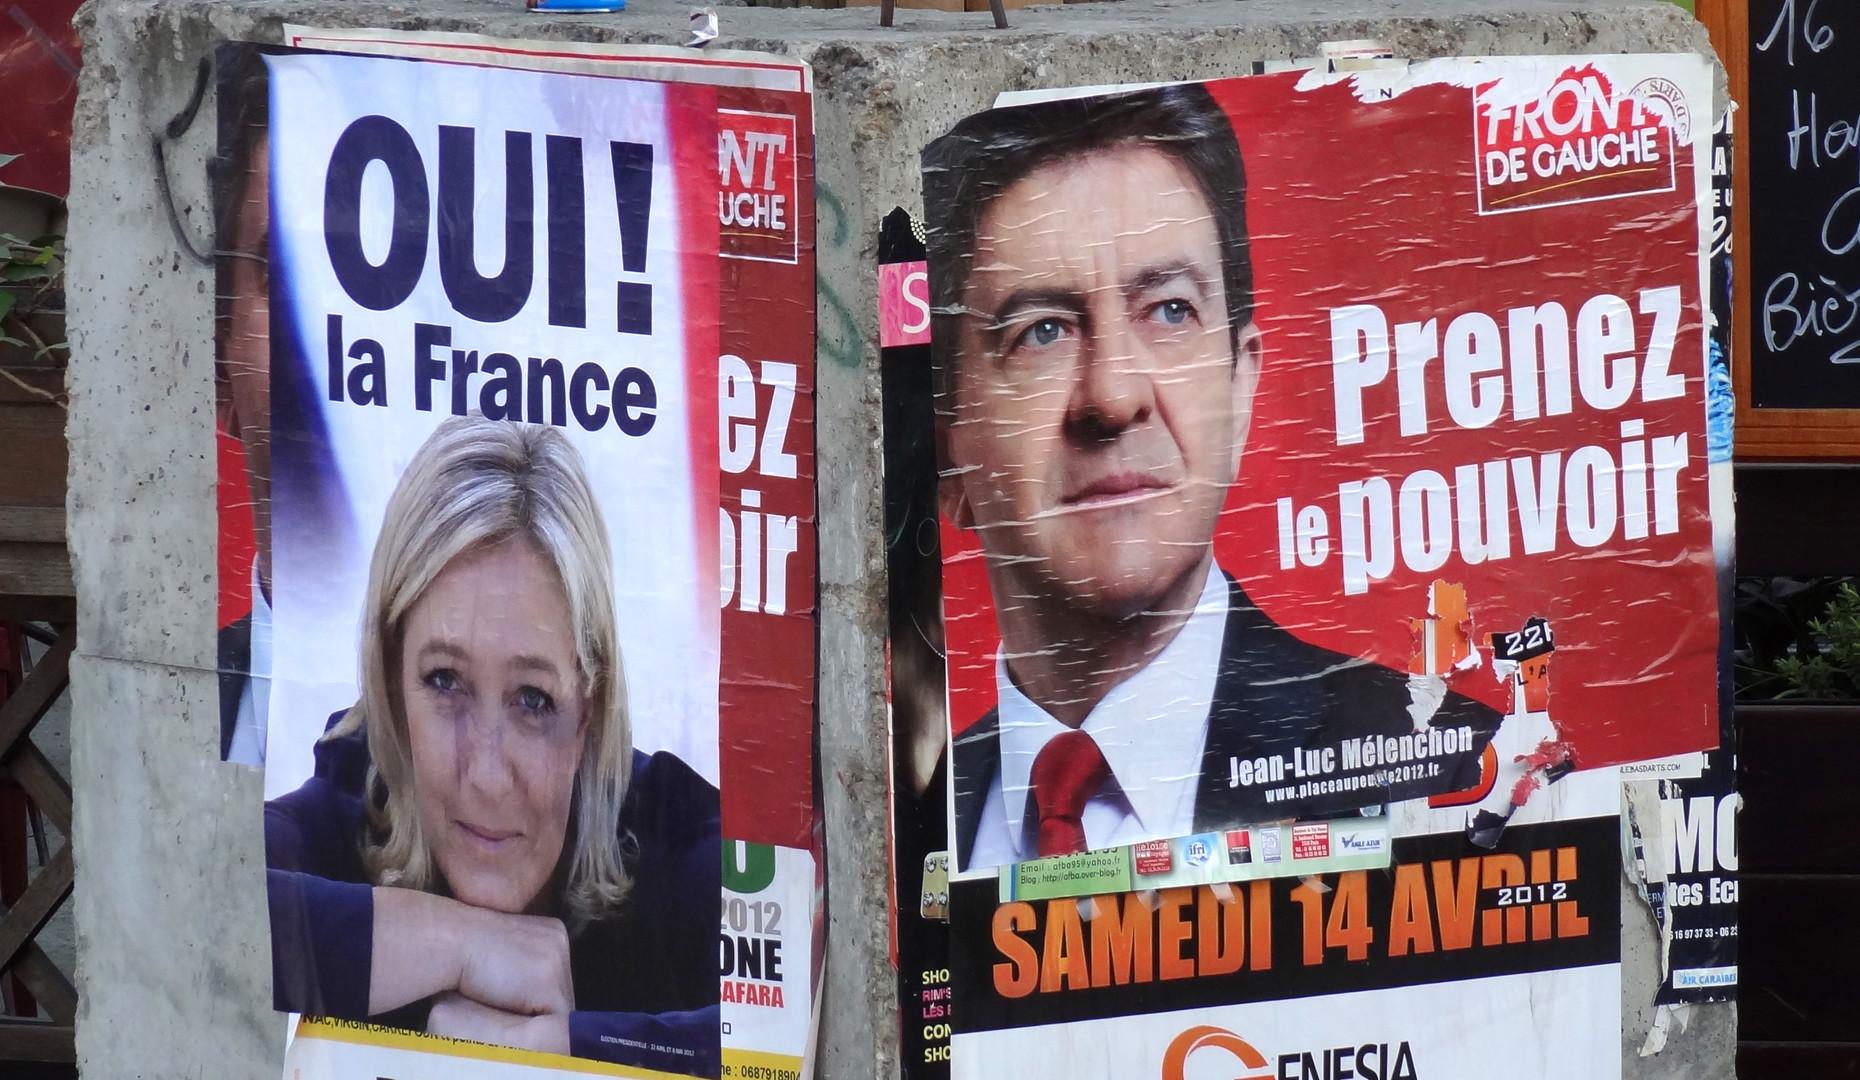 Un ticket Marine Le Pen - Jean-Luc Mélenchon, rassemblés par leur courroux contre l'Europe. C'est en tout cas une idée pour Jacques Sapir.